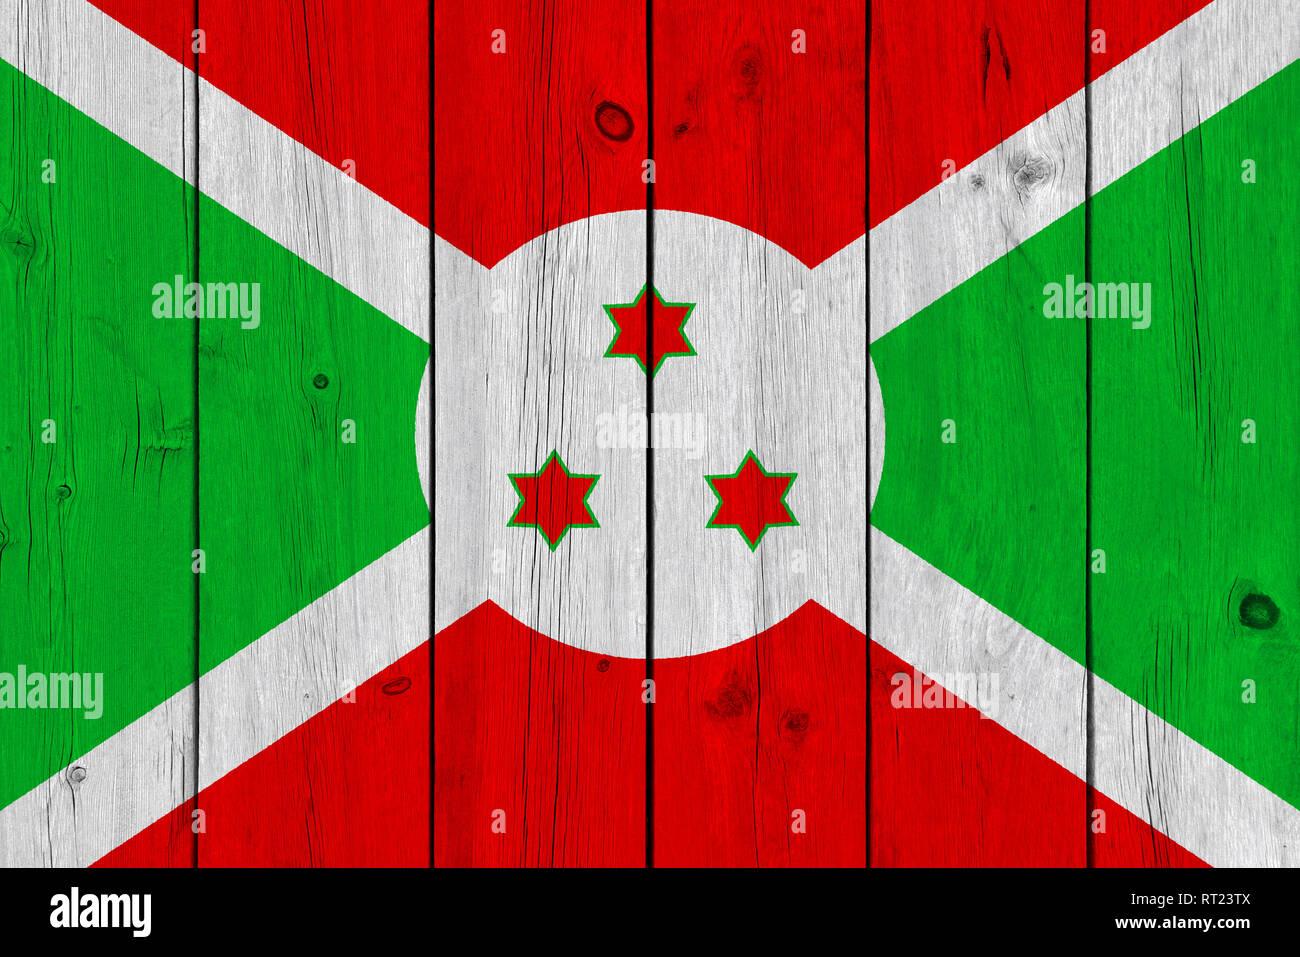 Burundi flag painted on old wood plank. Patriotic background. National flag of Burundi Stock Photo